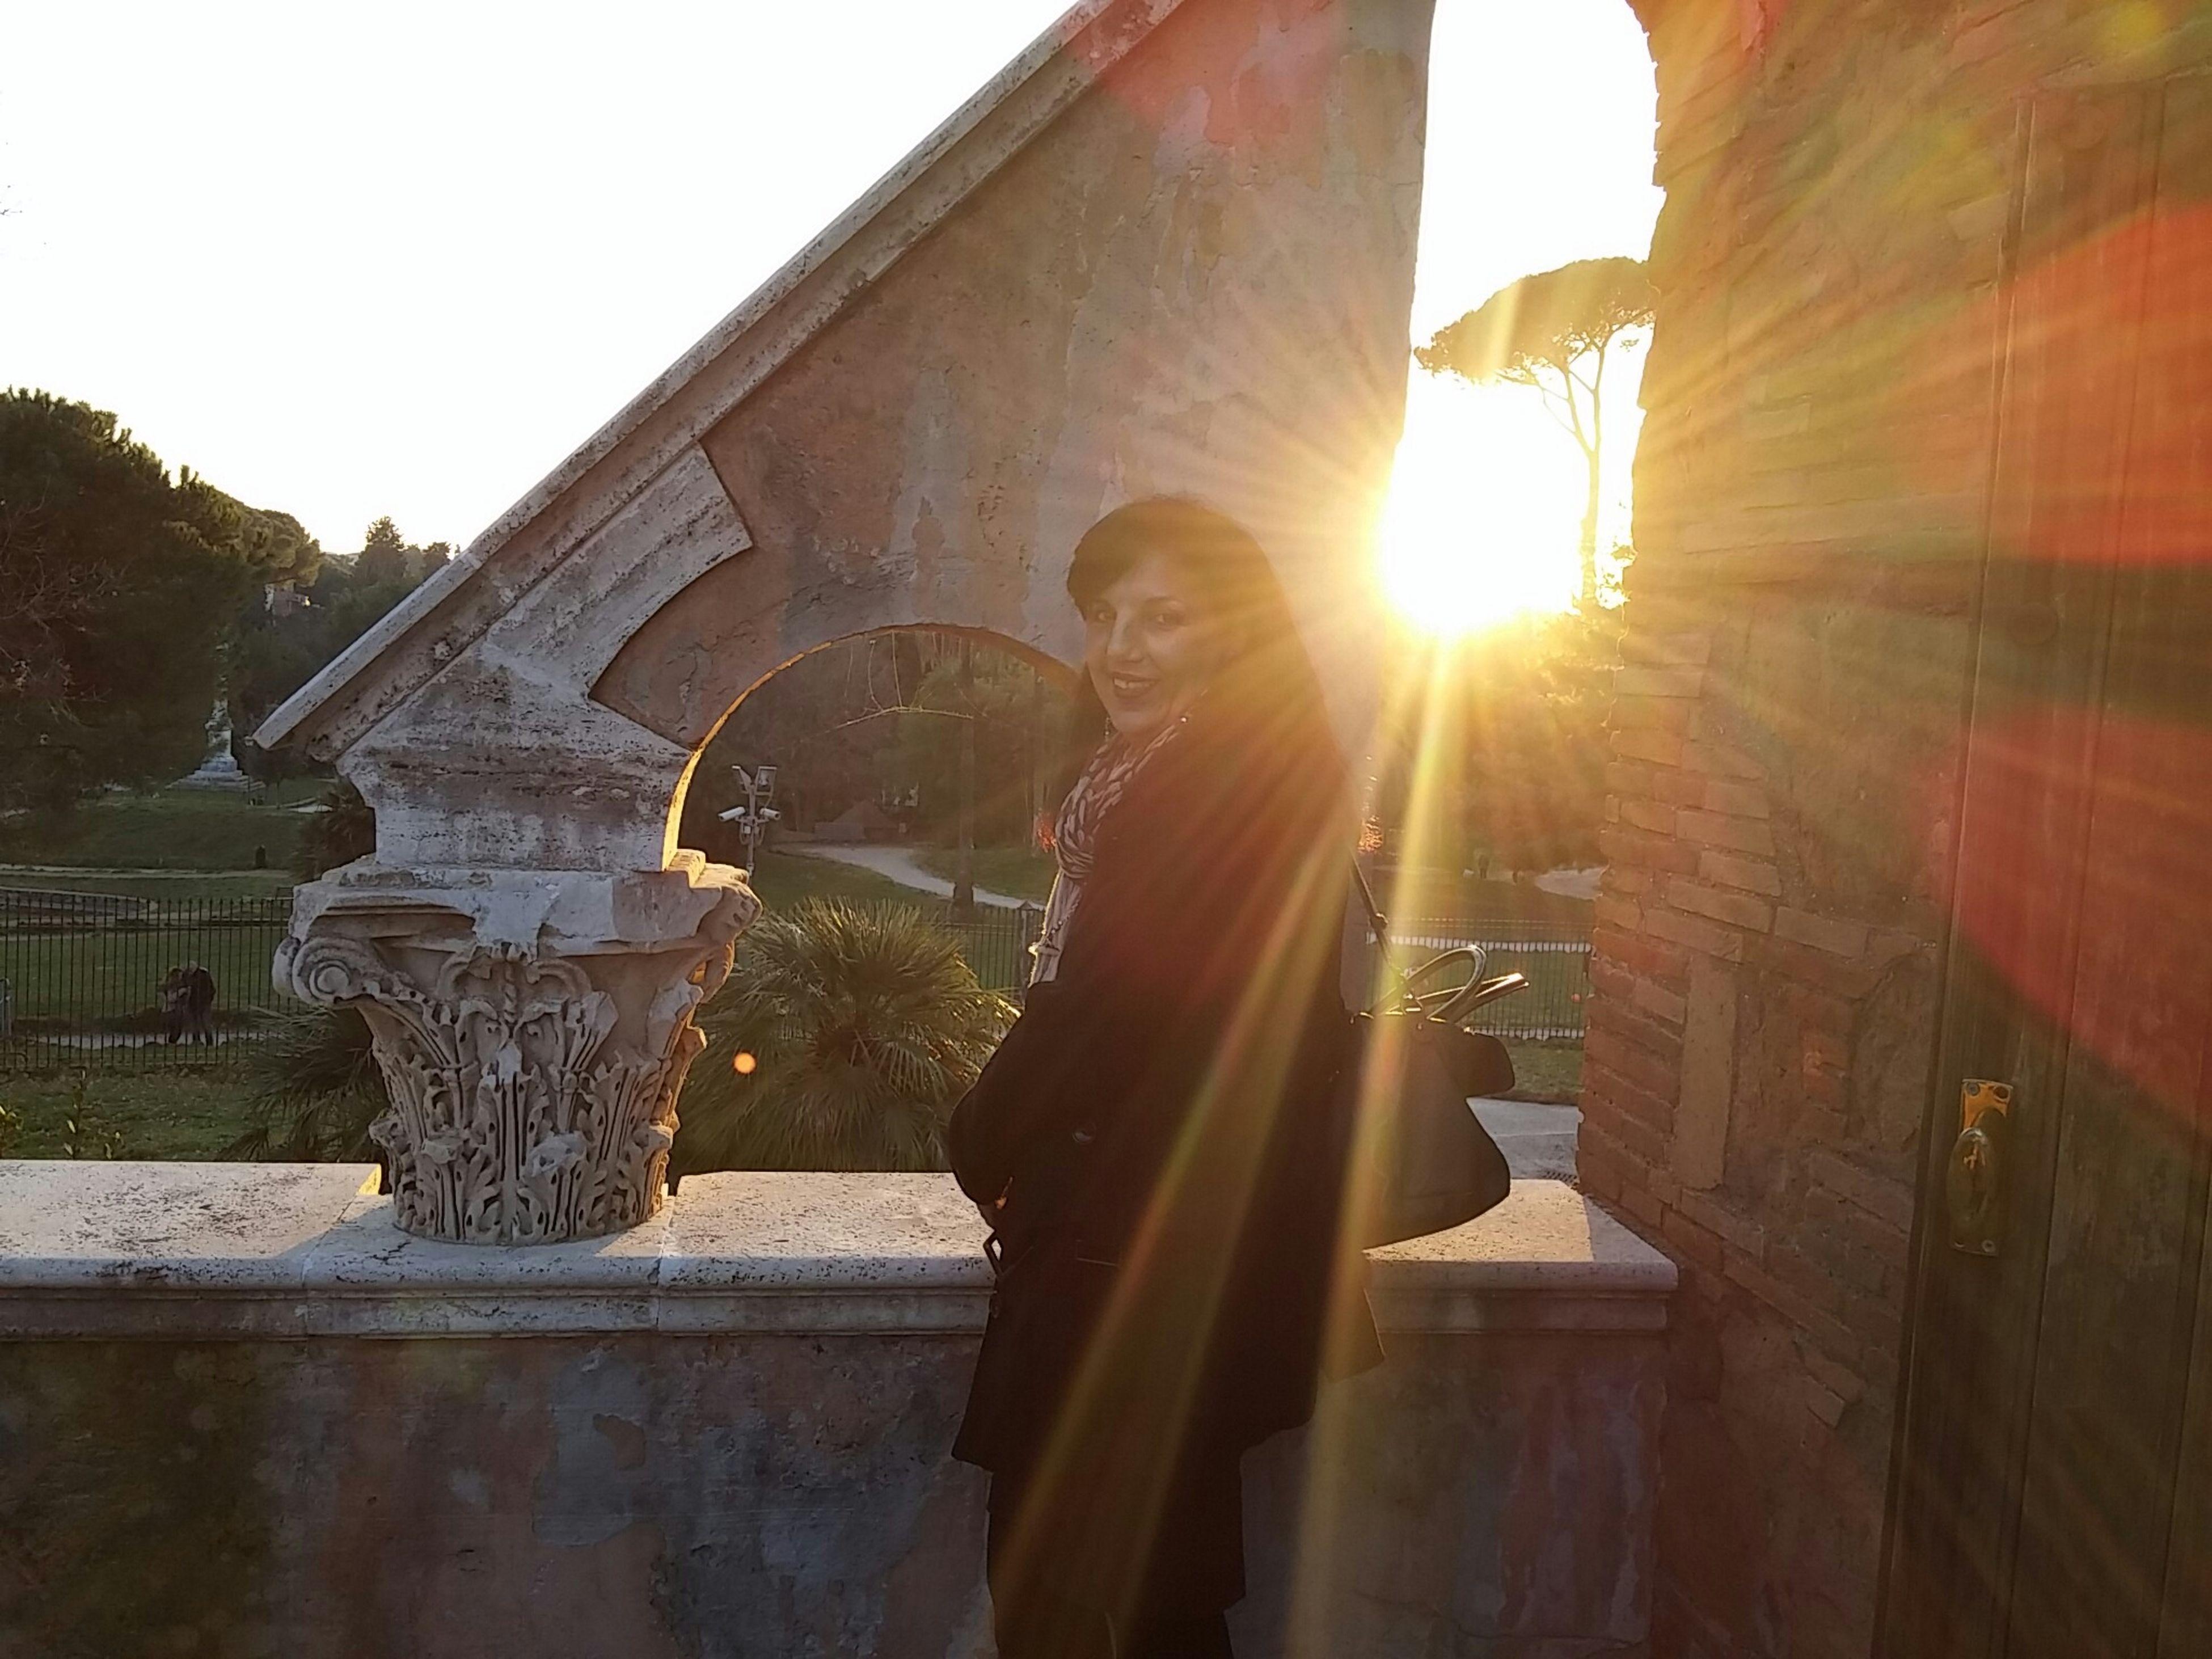 Villa Torlonia. Roma.Casina delle Civette. Beautifulplace Rome Italy Rome The Best